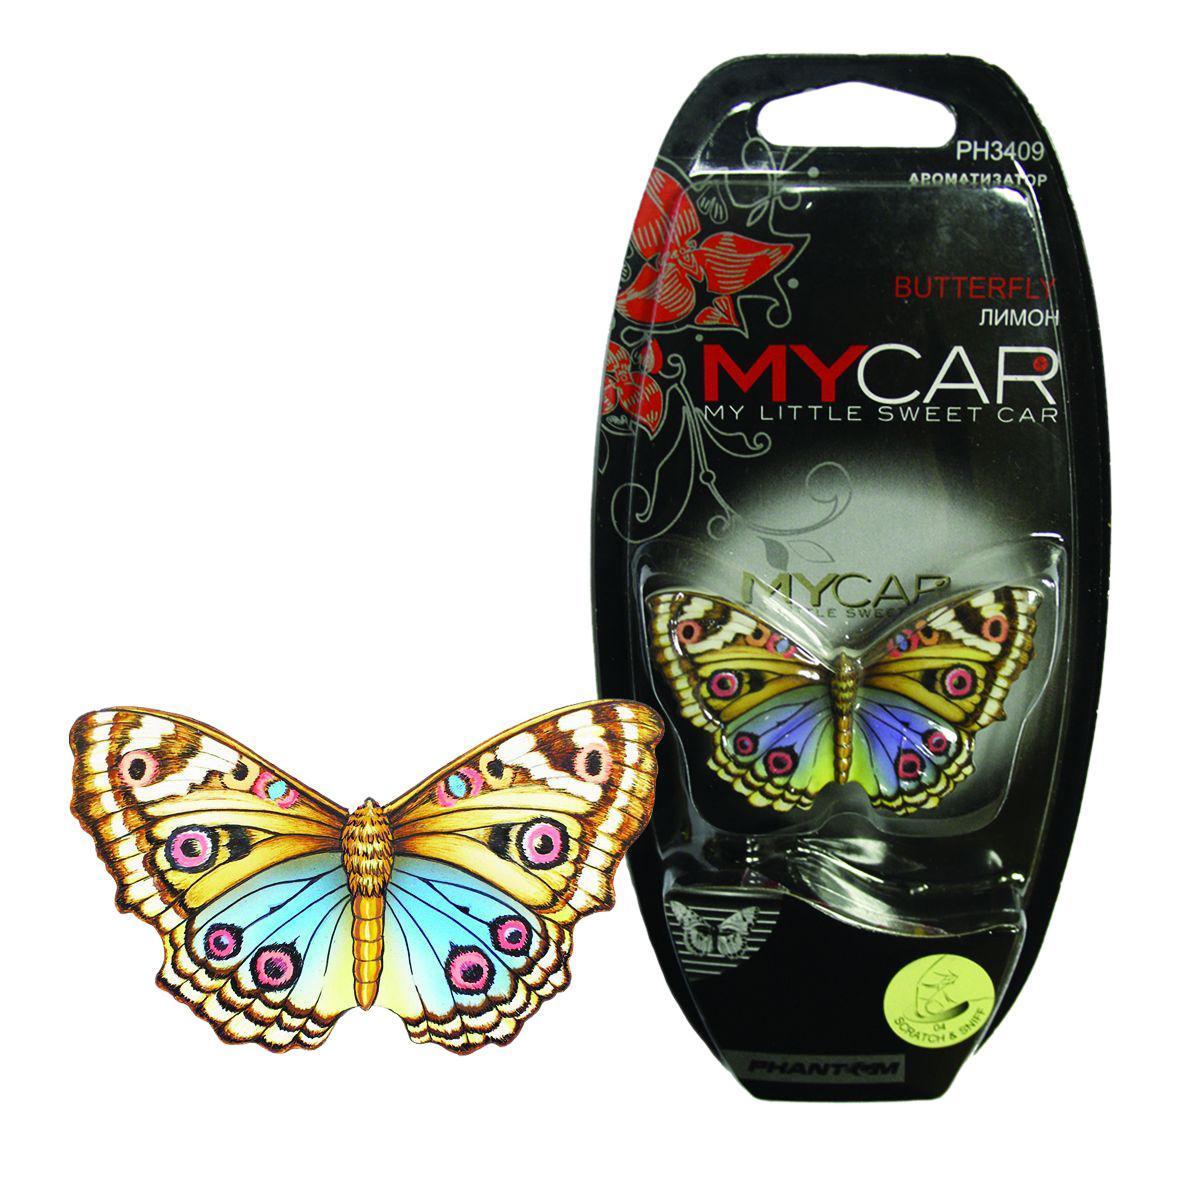 Ароматизатор для салона автомобиля Phantom Бабочка, лимон80621Оригинальный ароматизатор нейтрализует посторонние запахи и наполняет воздух приятным свежим ароматом. Бабочка - это символ радости и любви. Ароматизатор выполнен из высококачественного пластика, идентичного керамике. Характеристики: Состав: пластик, ароматическая отдушка. Размер упаковки: 19 см 9 см х 2 см.